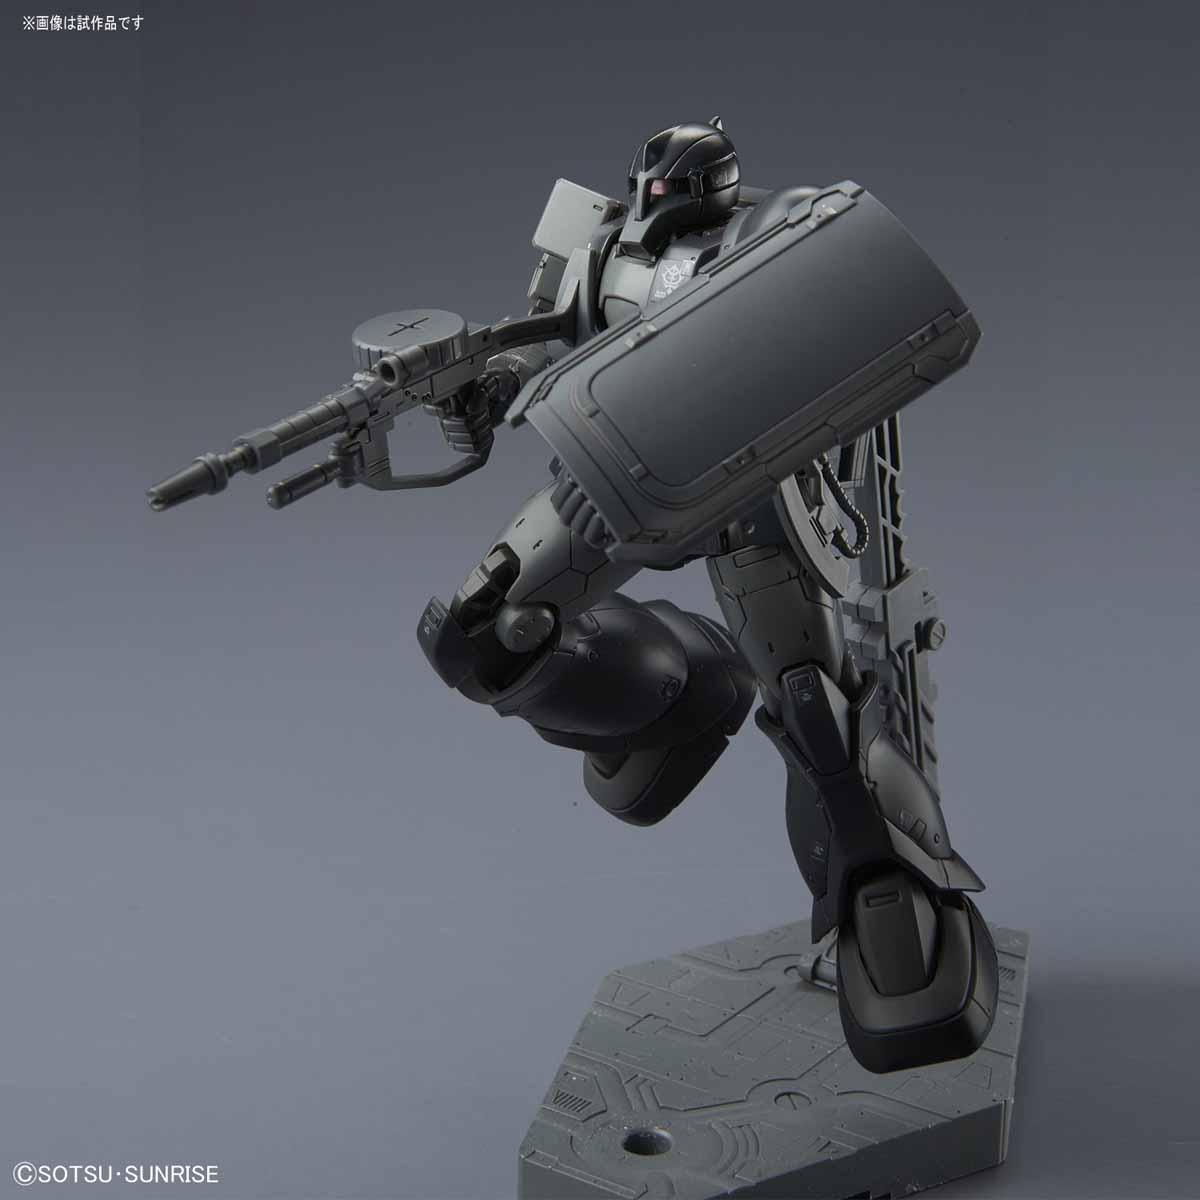 HG 1/144 MS-05 Zaku I [Kycilia Zabi] - Release Info